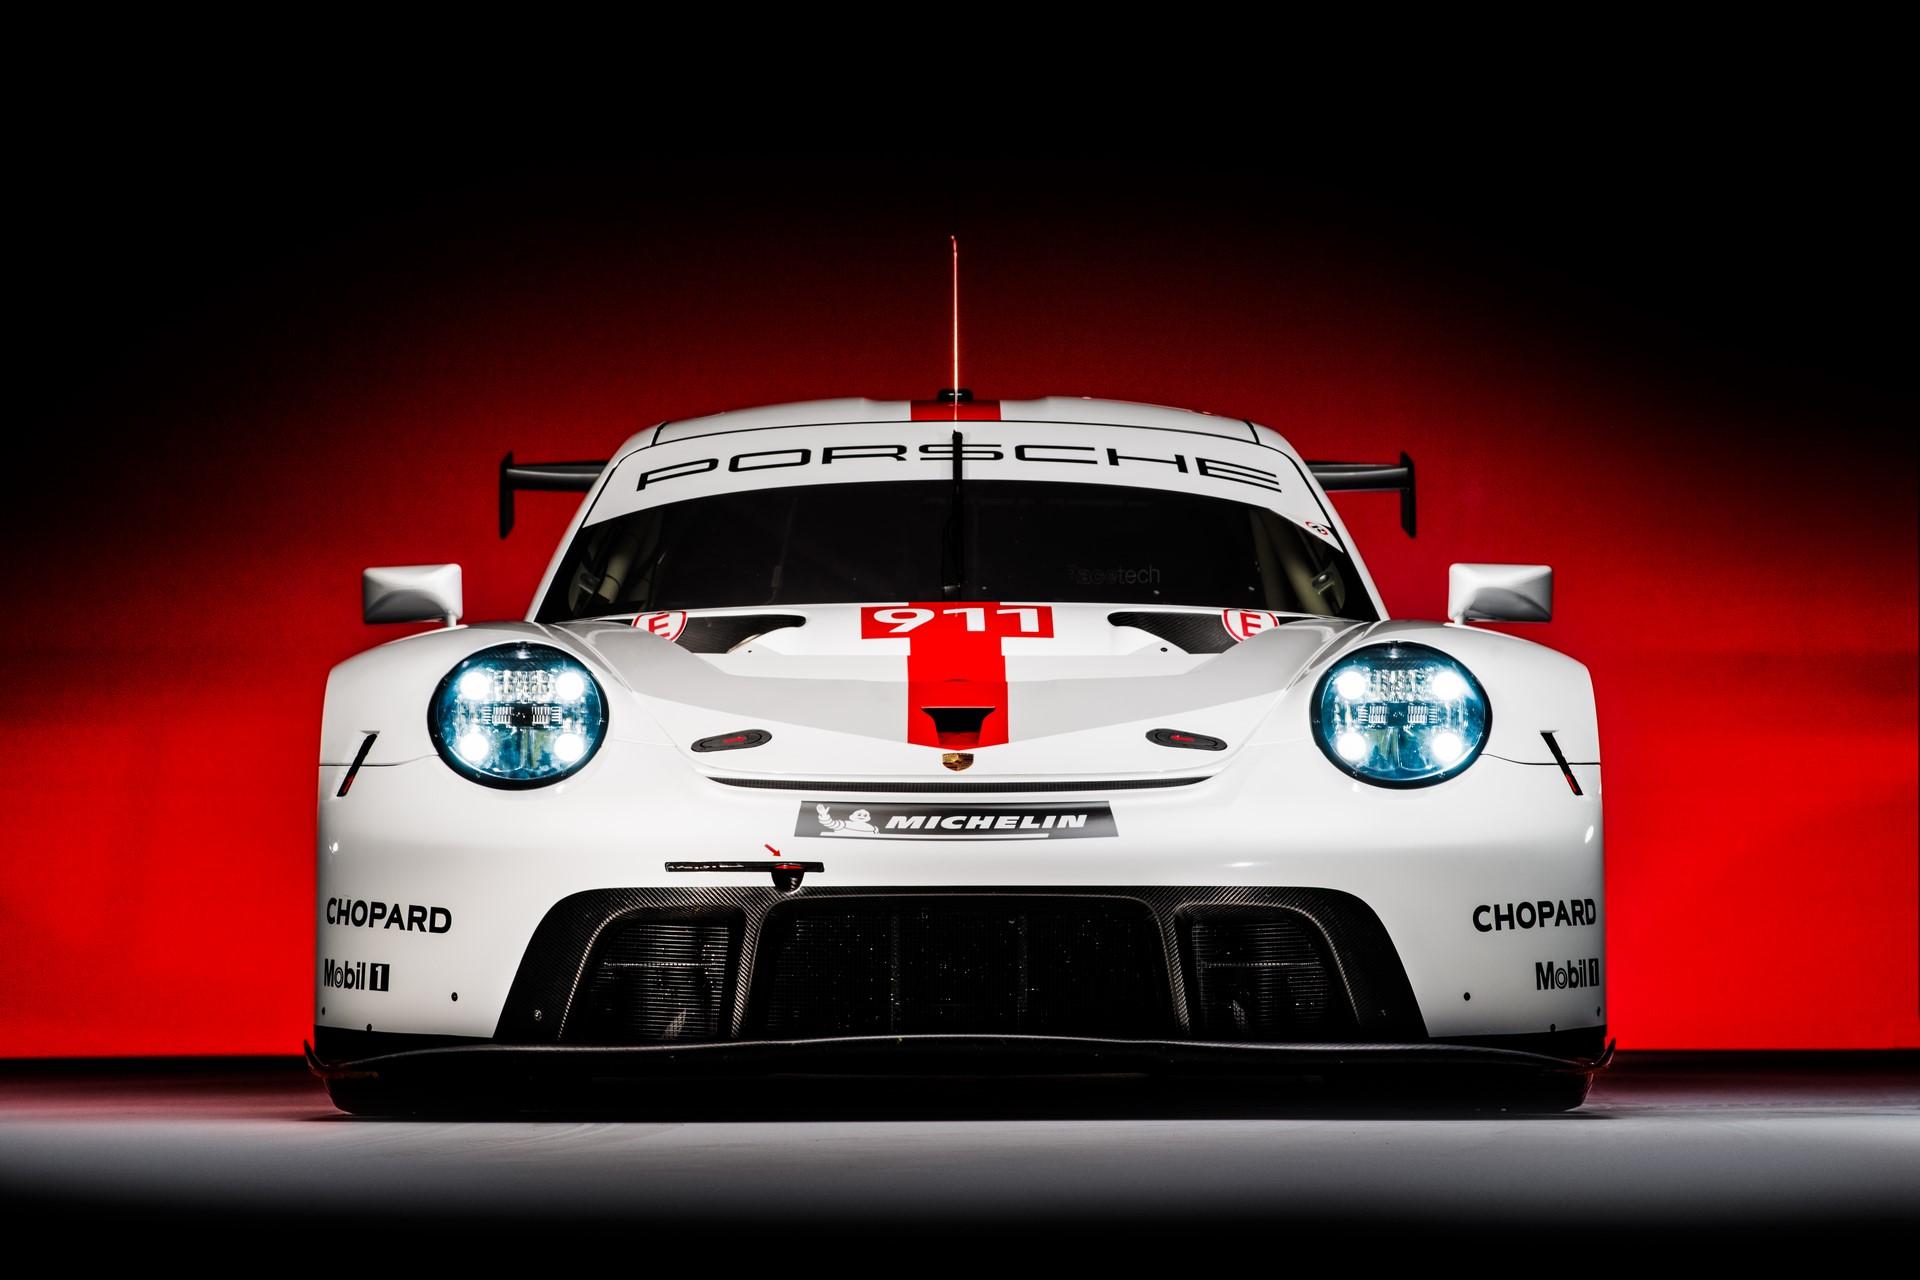 Porsche-911-RSR-2019-12